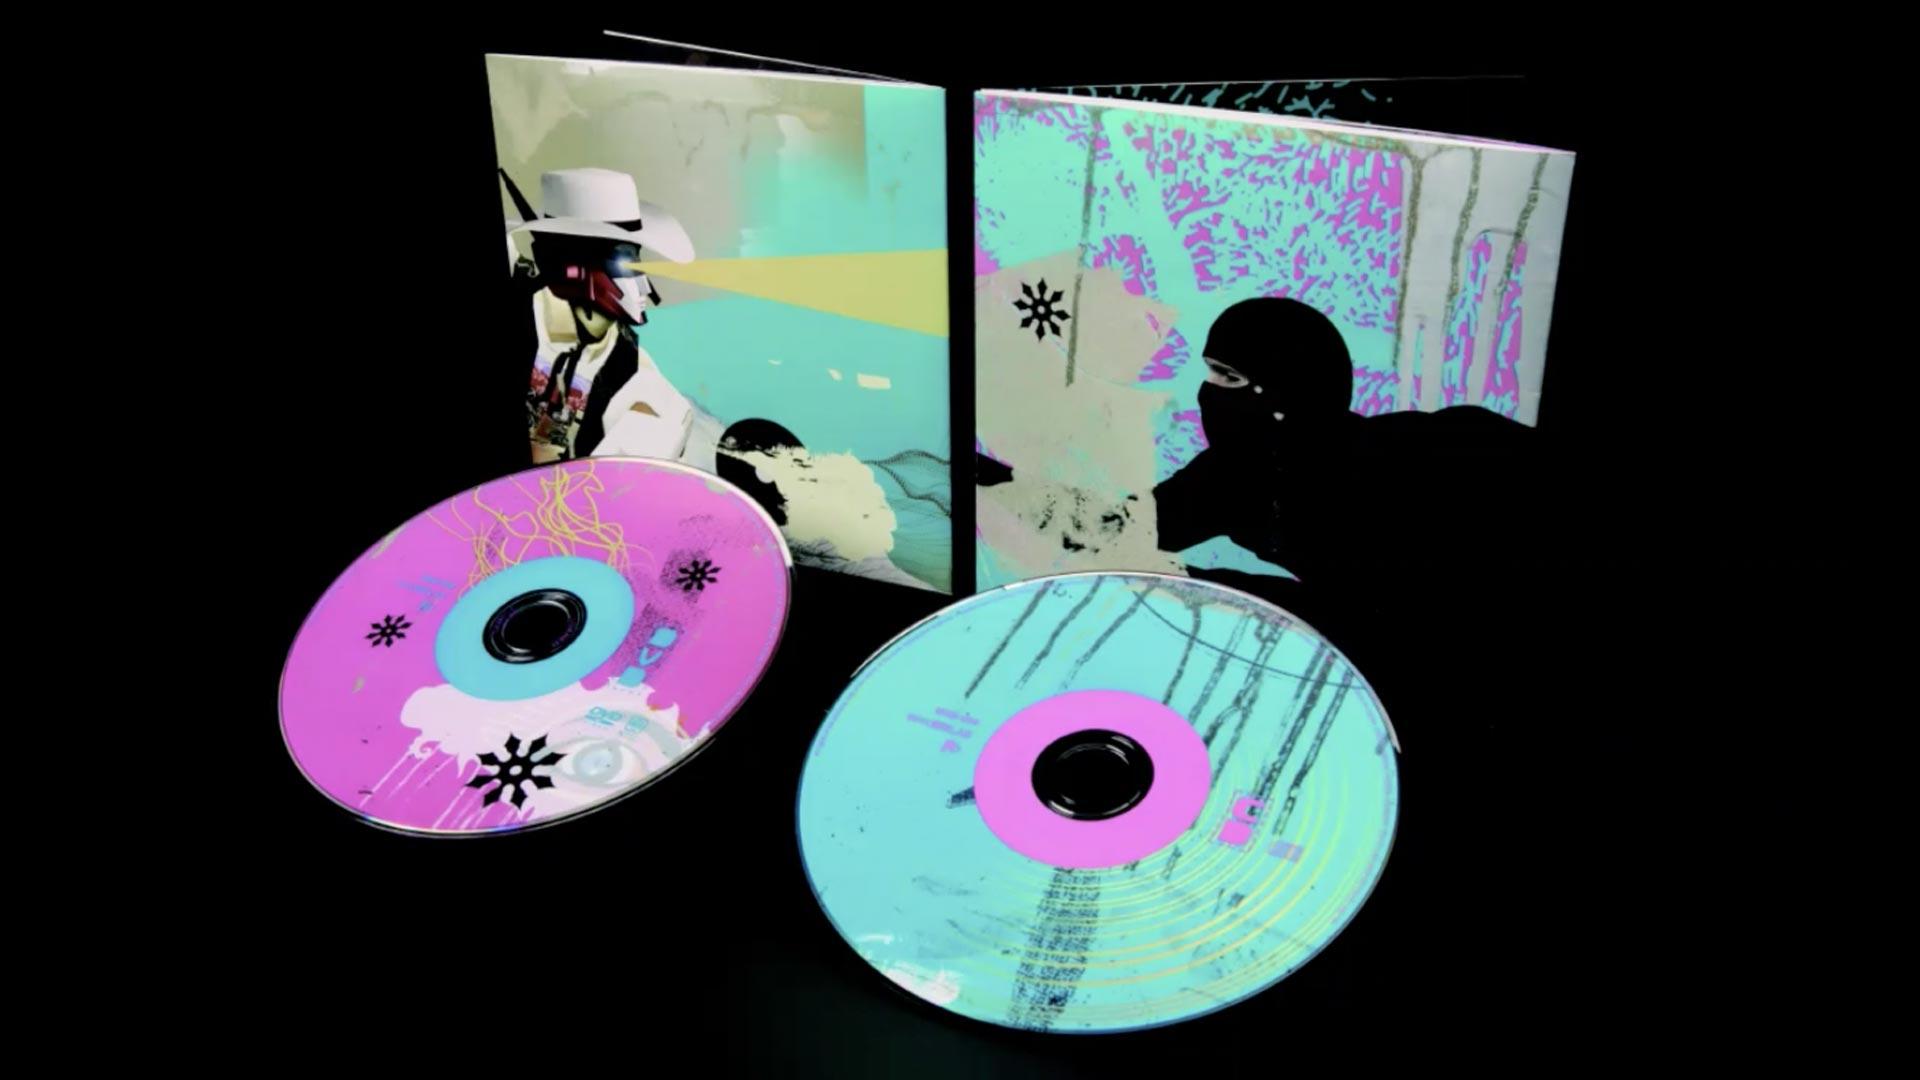 CD project from John Jay